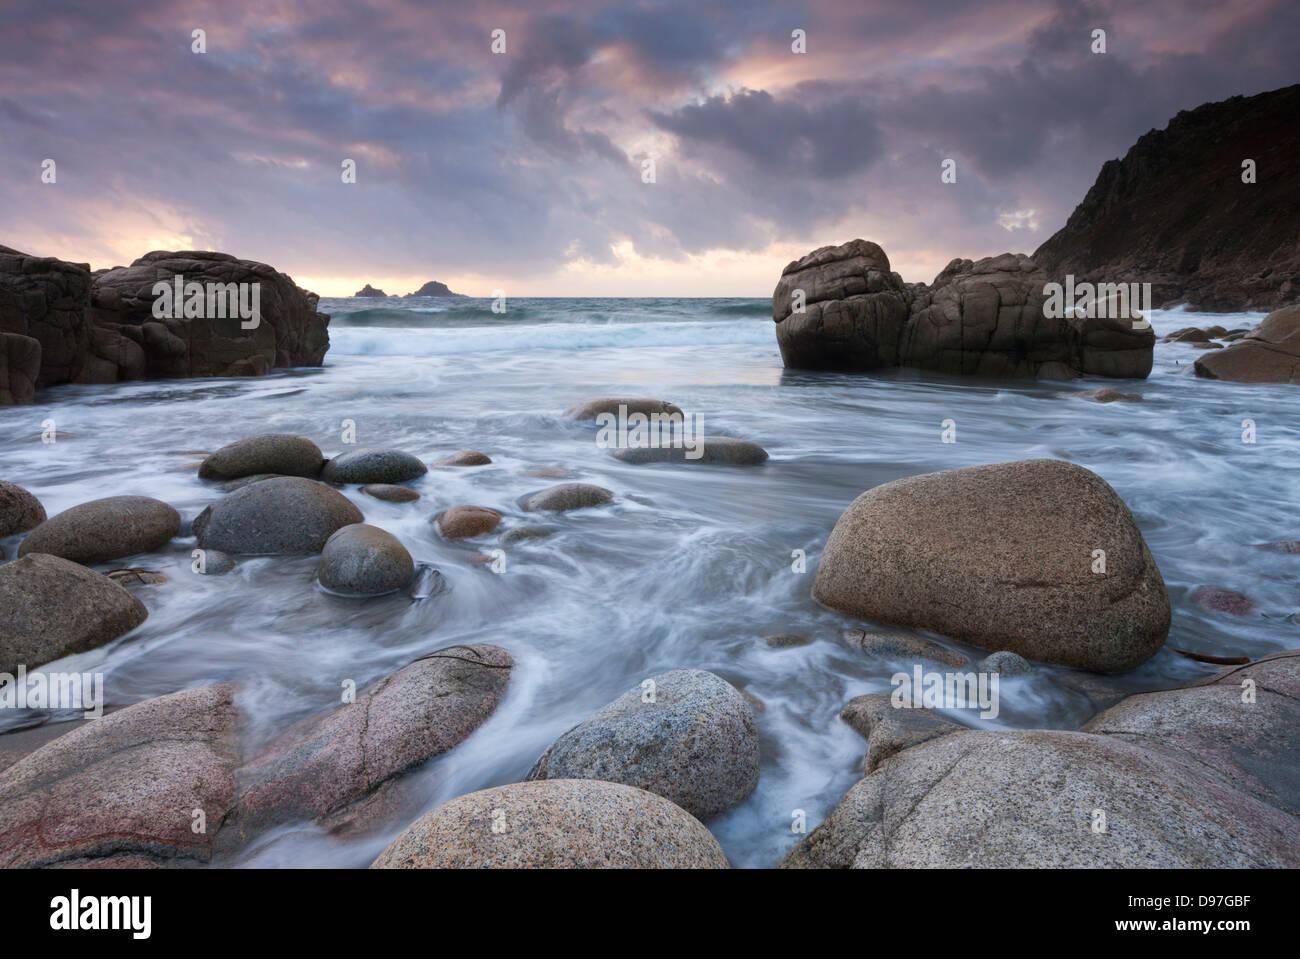 Atardecer en la costa rocosa de Porth Nanven, cerca de San Justo, Cornwall, Inglaterra. Imagen De Stock